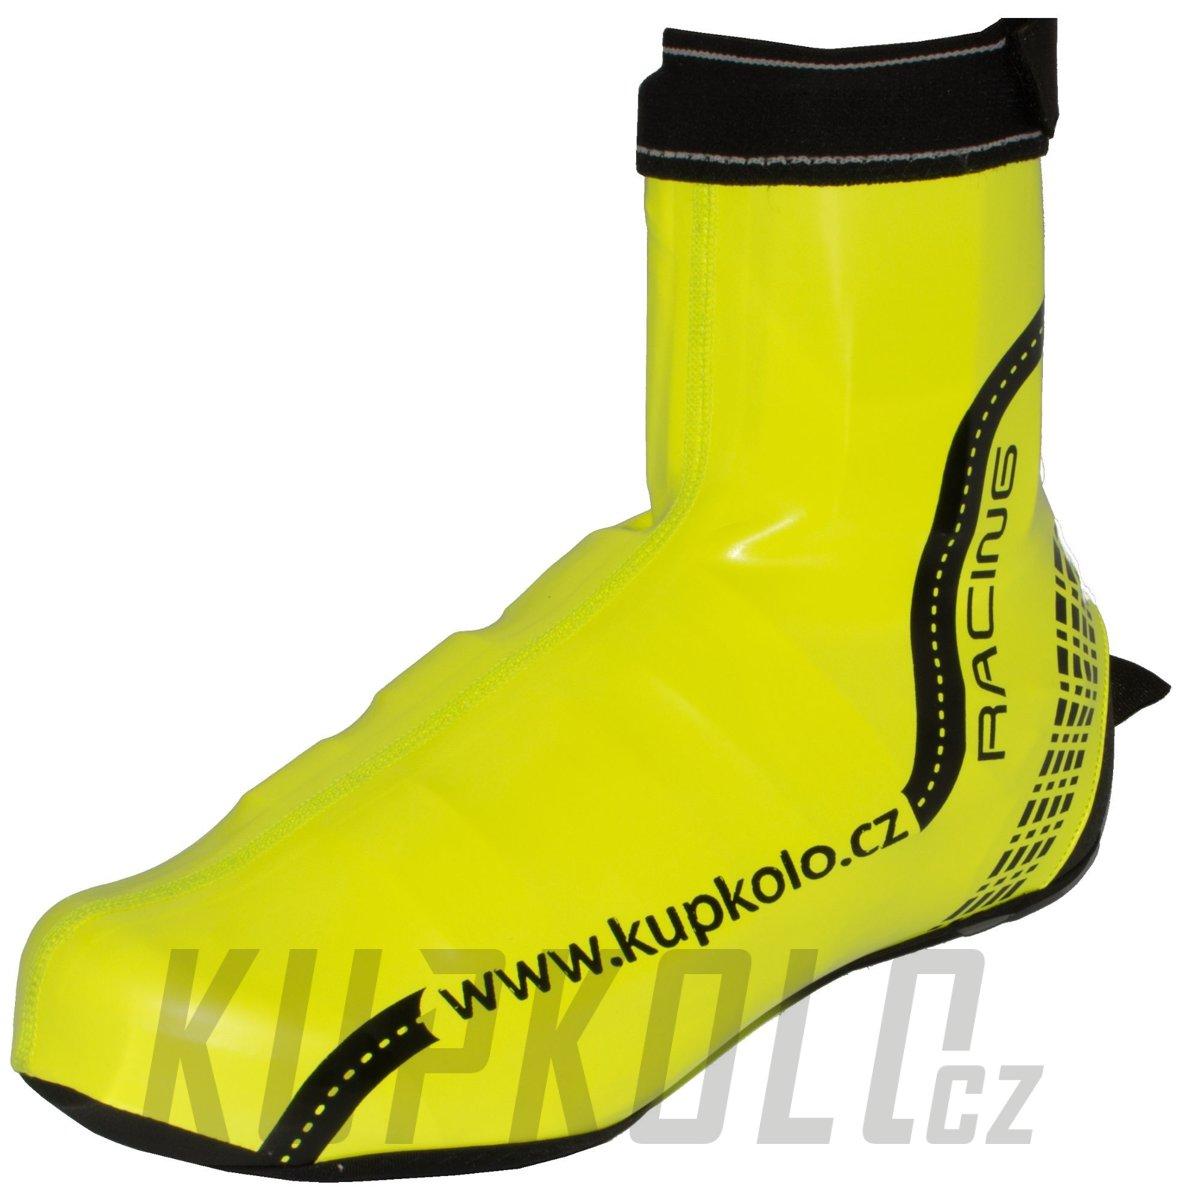 cafc8d25857 Návleky na tretry voděodolný PU - Kupkolo Racing - fluo lesk ...